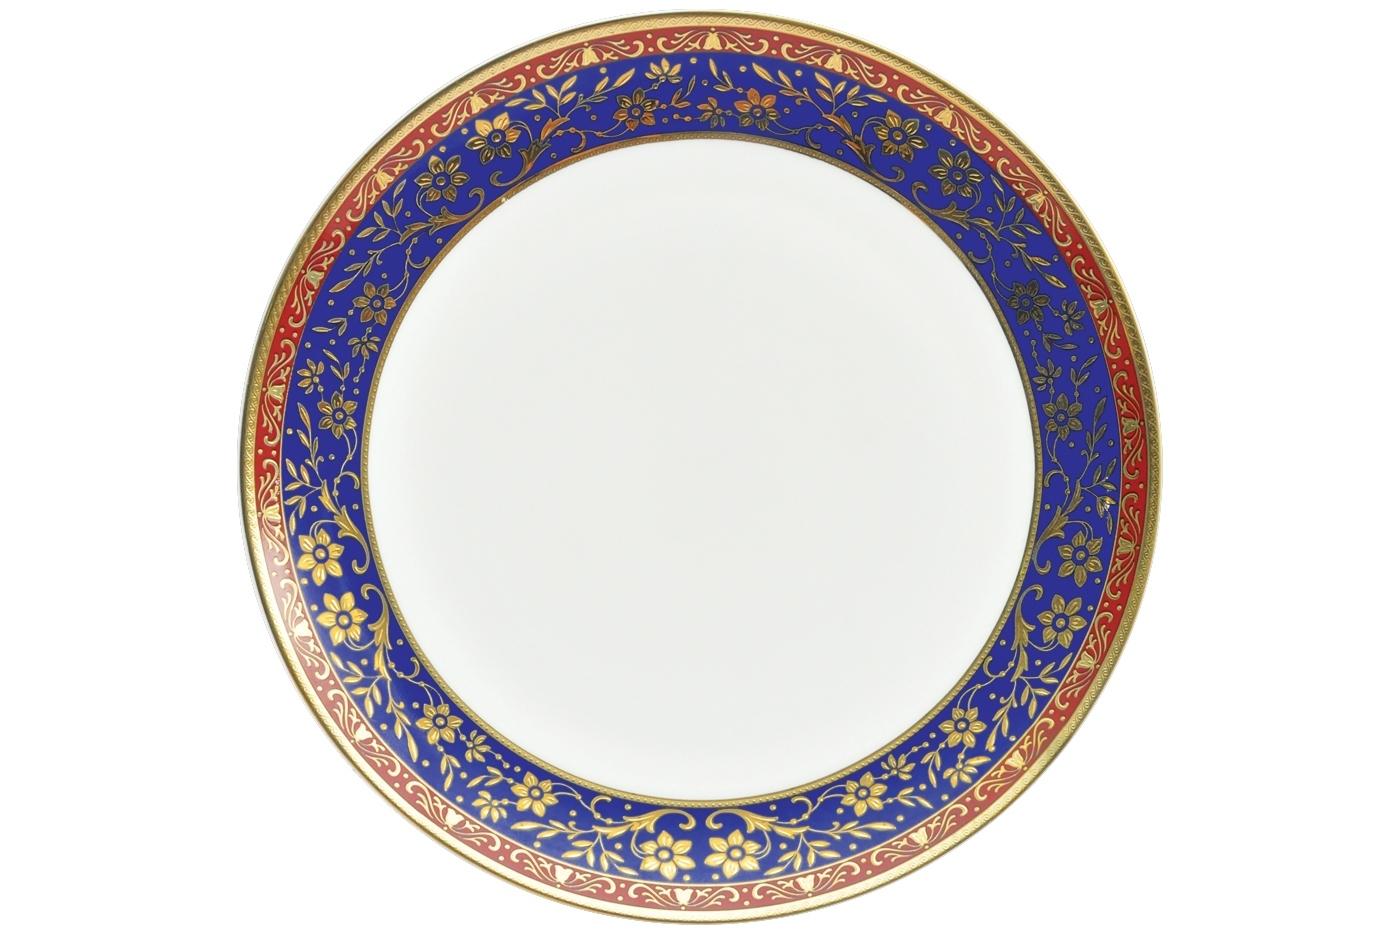 Набор из 6 тарелок Royal Aurel Кобальт (25см) арт.620Наборы тарелок<br>Набор из 6 тарелок Royal Aurel Кобальт (25см) арт.620<br>Производить посуду из фарфора начали в Китае на стыке 6-7 веков. Неустанно совершенствуя и селективно отбирая сырье для производства посуды из фарфора, мастерам удалось добиться выдающихся характеристик фарфора: белизны и тонкостенности. В XV веке появился особый интерес к китайской фарфоровой посуде, так как в это время Европе возникла мода на самобытные китайские вещи. Роскошный китайский фарфор являлся изыском и был в новинку, поэтому он выступал в качестве подарка королям, а также знатным людям. Такой дорогой подарок был очень престижен и по праву являлся элитной посудой. Как известно из многочисленных исторических документов, в Европе китайские изделия из фарфора ценились практически как золото. <br>Проверка изделий из костяного фарфора на подлинность <br>По сравнению с производством других видов фарфора процесс производства изделий из настоящего костяного фарфора сложен и весьма длителен. Посуда из изящного фарфора - это элитная посуда, которая всегда ассоциируется с богатством, величием и благородством. Несмотря на небольшую толщину, фарфоровая посуда - это очень прочное изделие. Для демонстрации плотности и прочности фарфора можно легко коснуться предметов посуды из фарфора деревянной палочкой, и тогда мы услушим характерный металлический звон. В составе фарфоровой посуды присутствует костяная зола, благодаря чему она может быть намного тоньше (не более 2,5 мм) и легче твердого или мягкого фарфора. Безупречная белизна - ключевой признак отличия такого фарфора от других. Цвет обычного фарфора сероватый или ближе к голубоватому, а костяной фарфор будет всегда будет молочно-белого цвета. Характерная и немаловажная деталь - это невесомая прозрачность изделий из фарфора такая, что сквозь него проходит свет.<br>